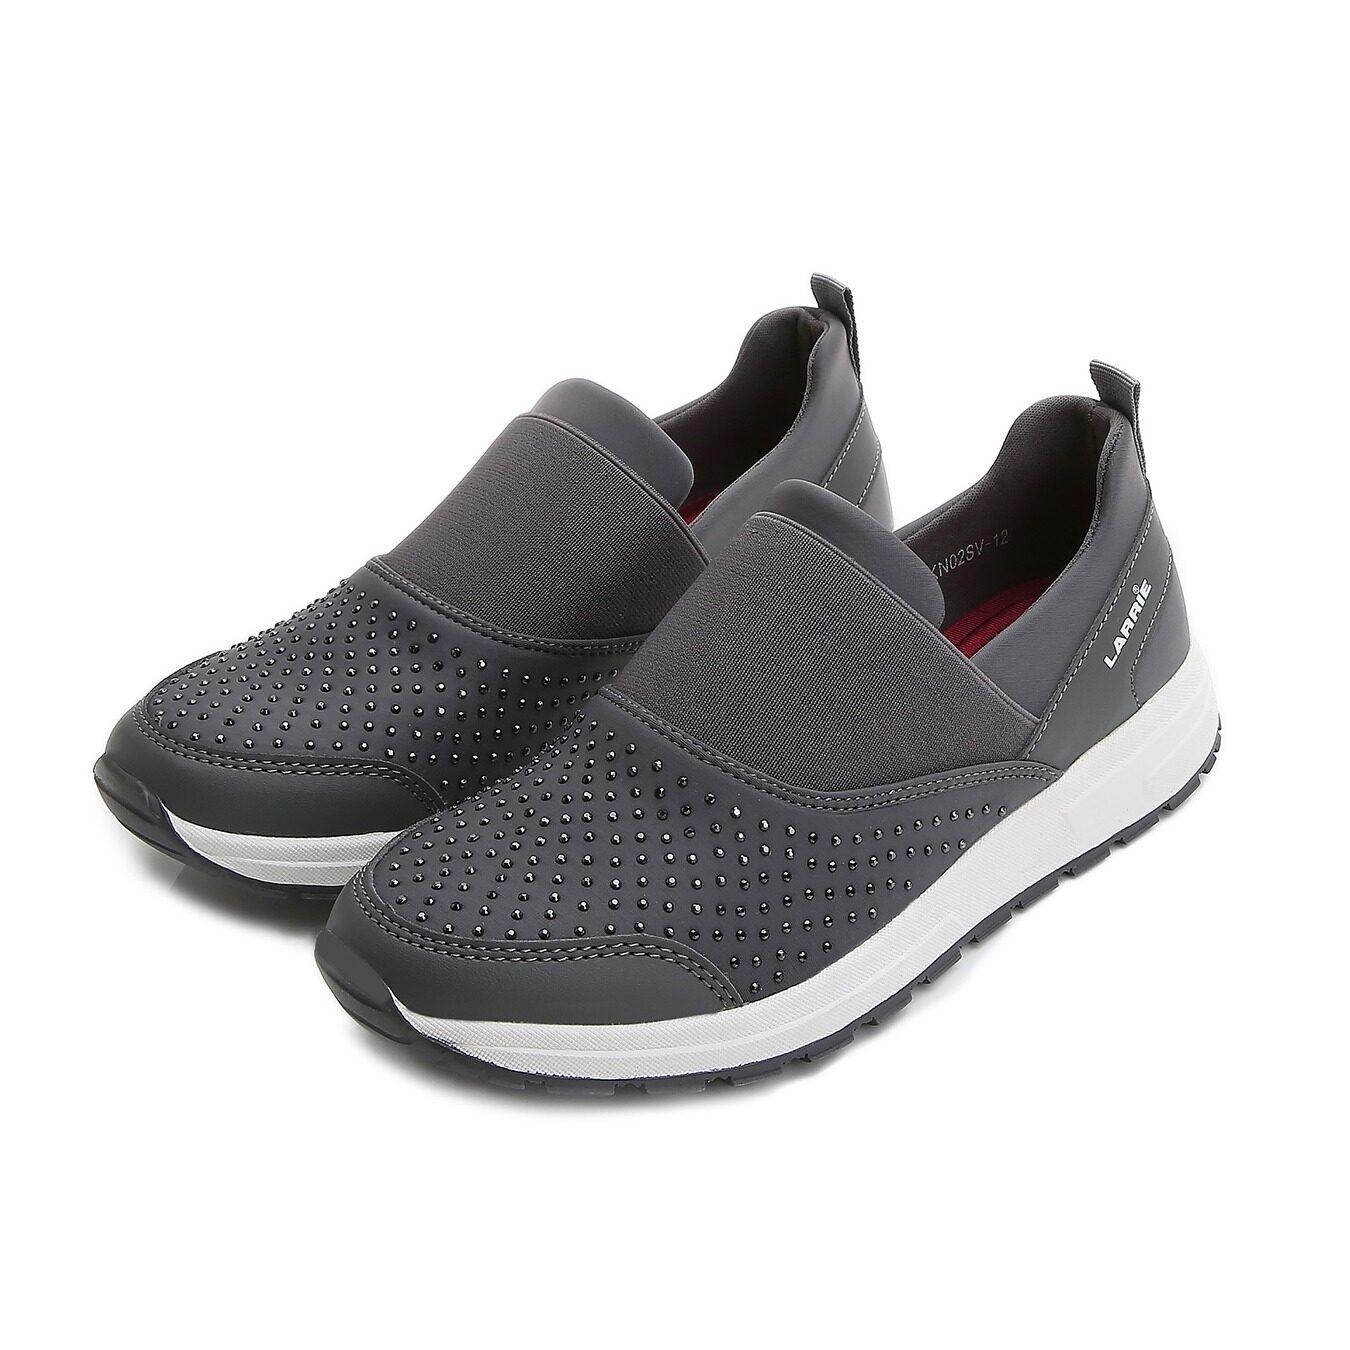 LARRIE Kasut Perempuan Glitter Comfort Sneakers Women - L62023-KN02SV